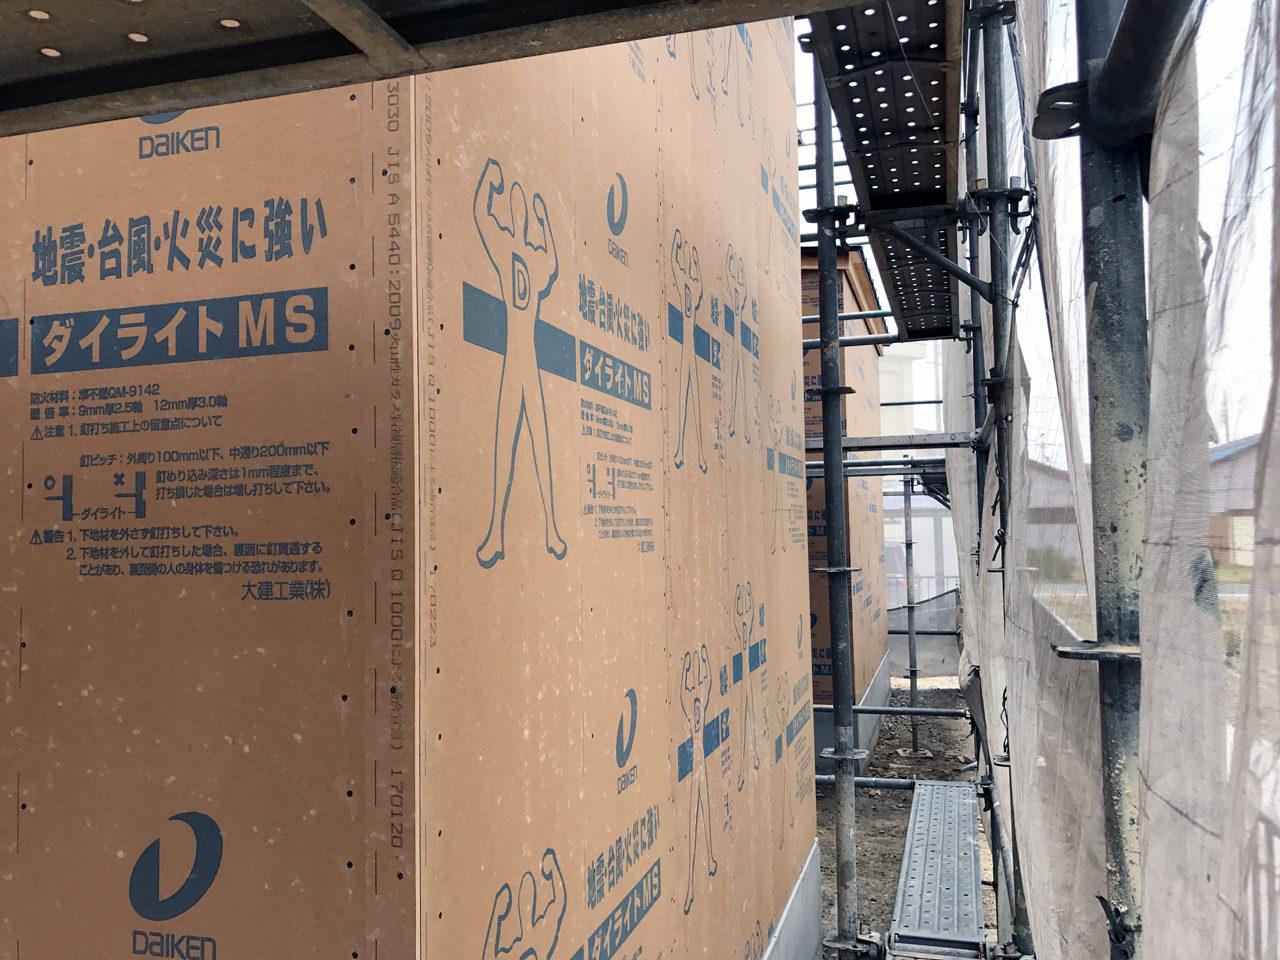 市街化調整区域の建て替え新築設計・デザインをしている住宅の構造用合板ダイライト